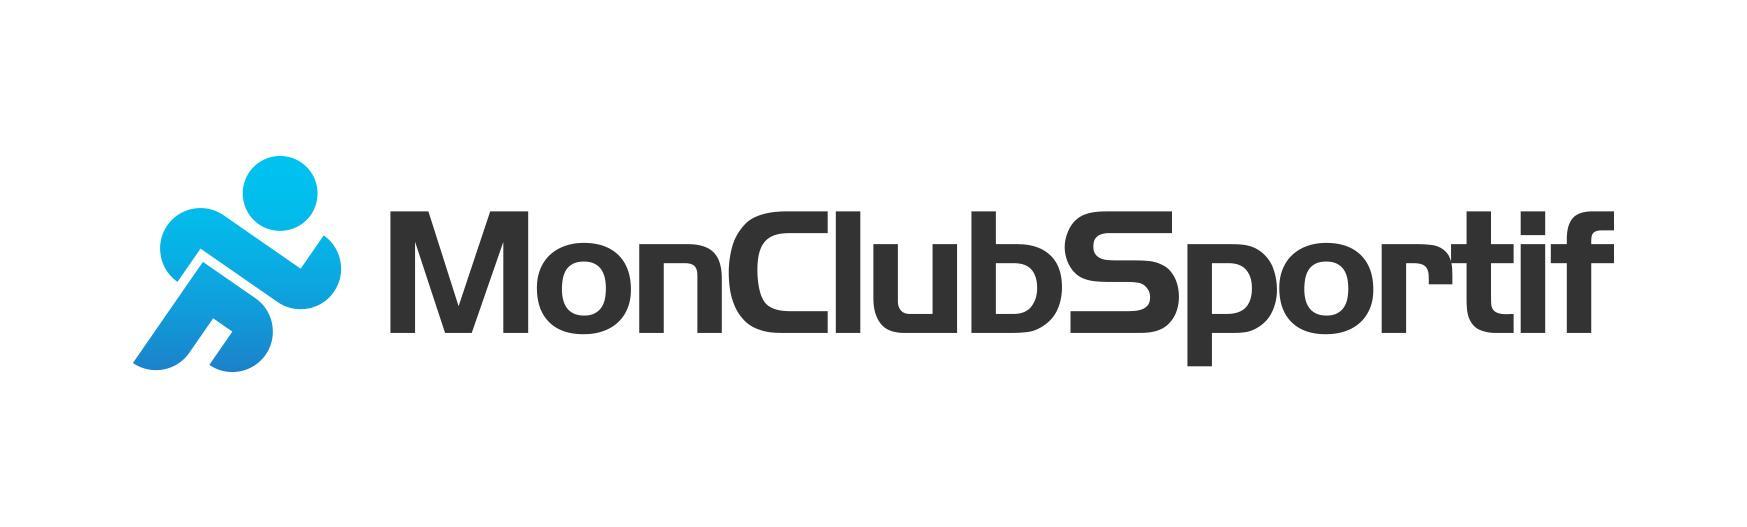 Review MonClubSportif: Sport team management app - appvizer